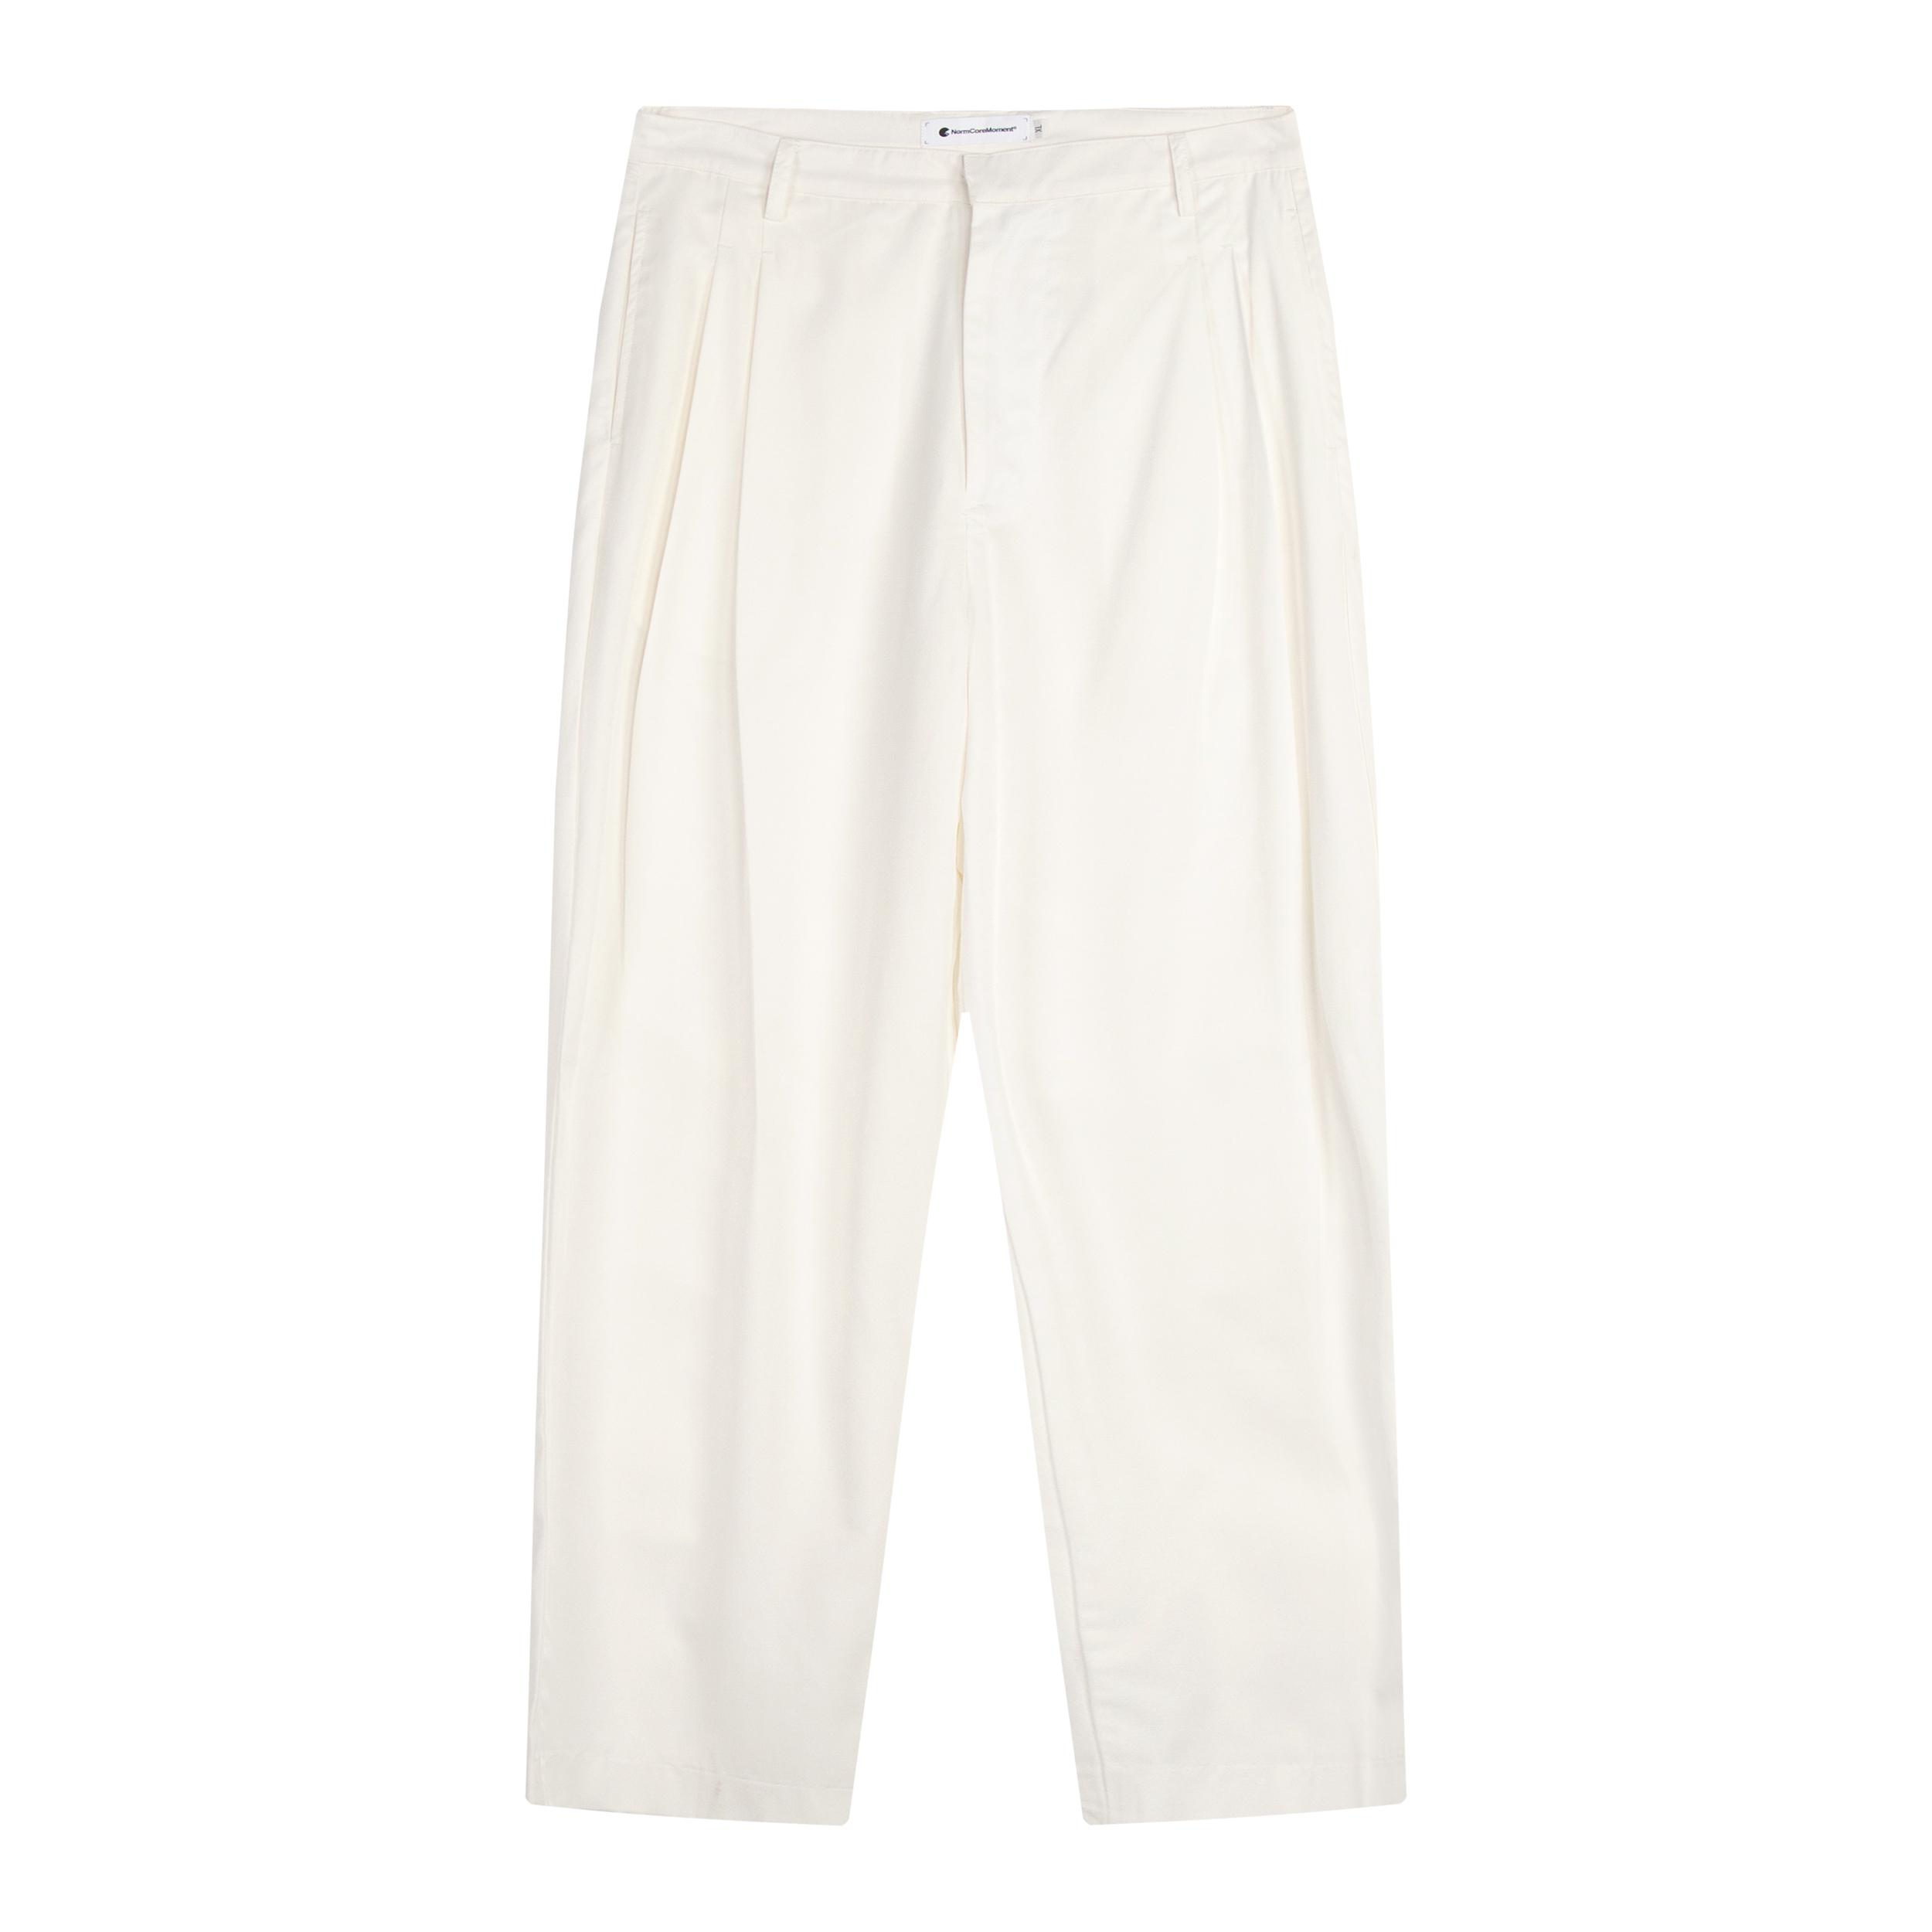 NormCoreMoment极简山本宽松廓形休闲柔软垂坠感双褶西裤丝滑光泽